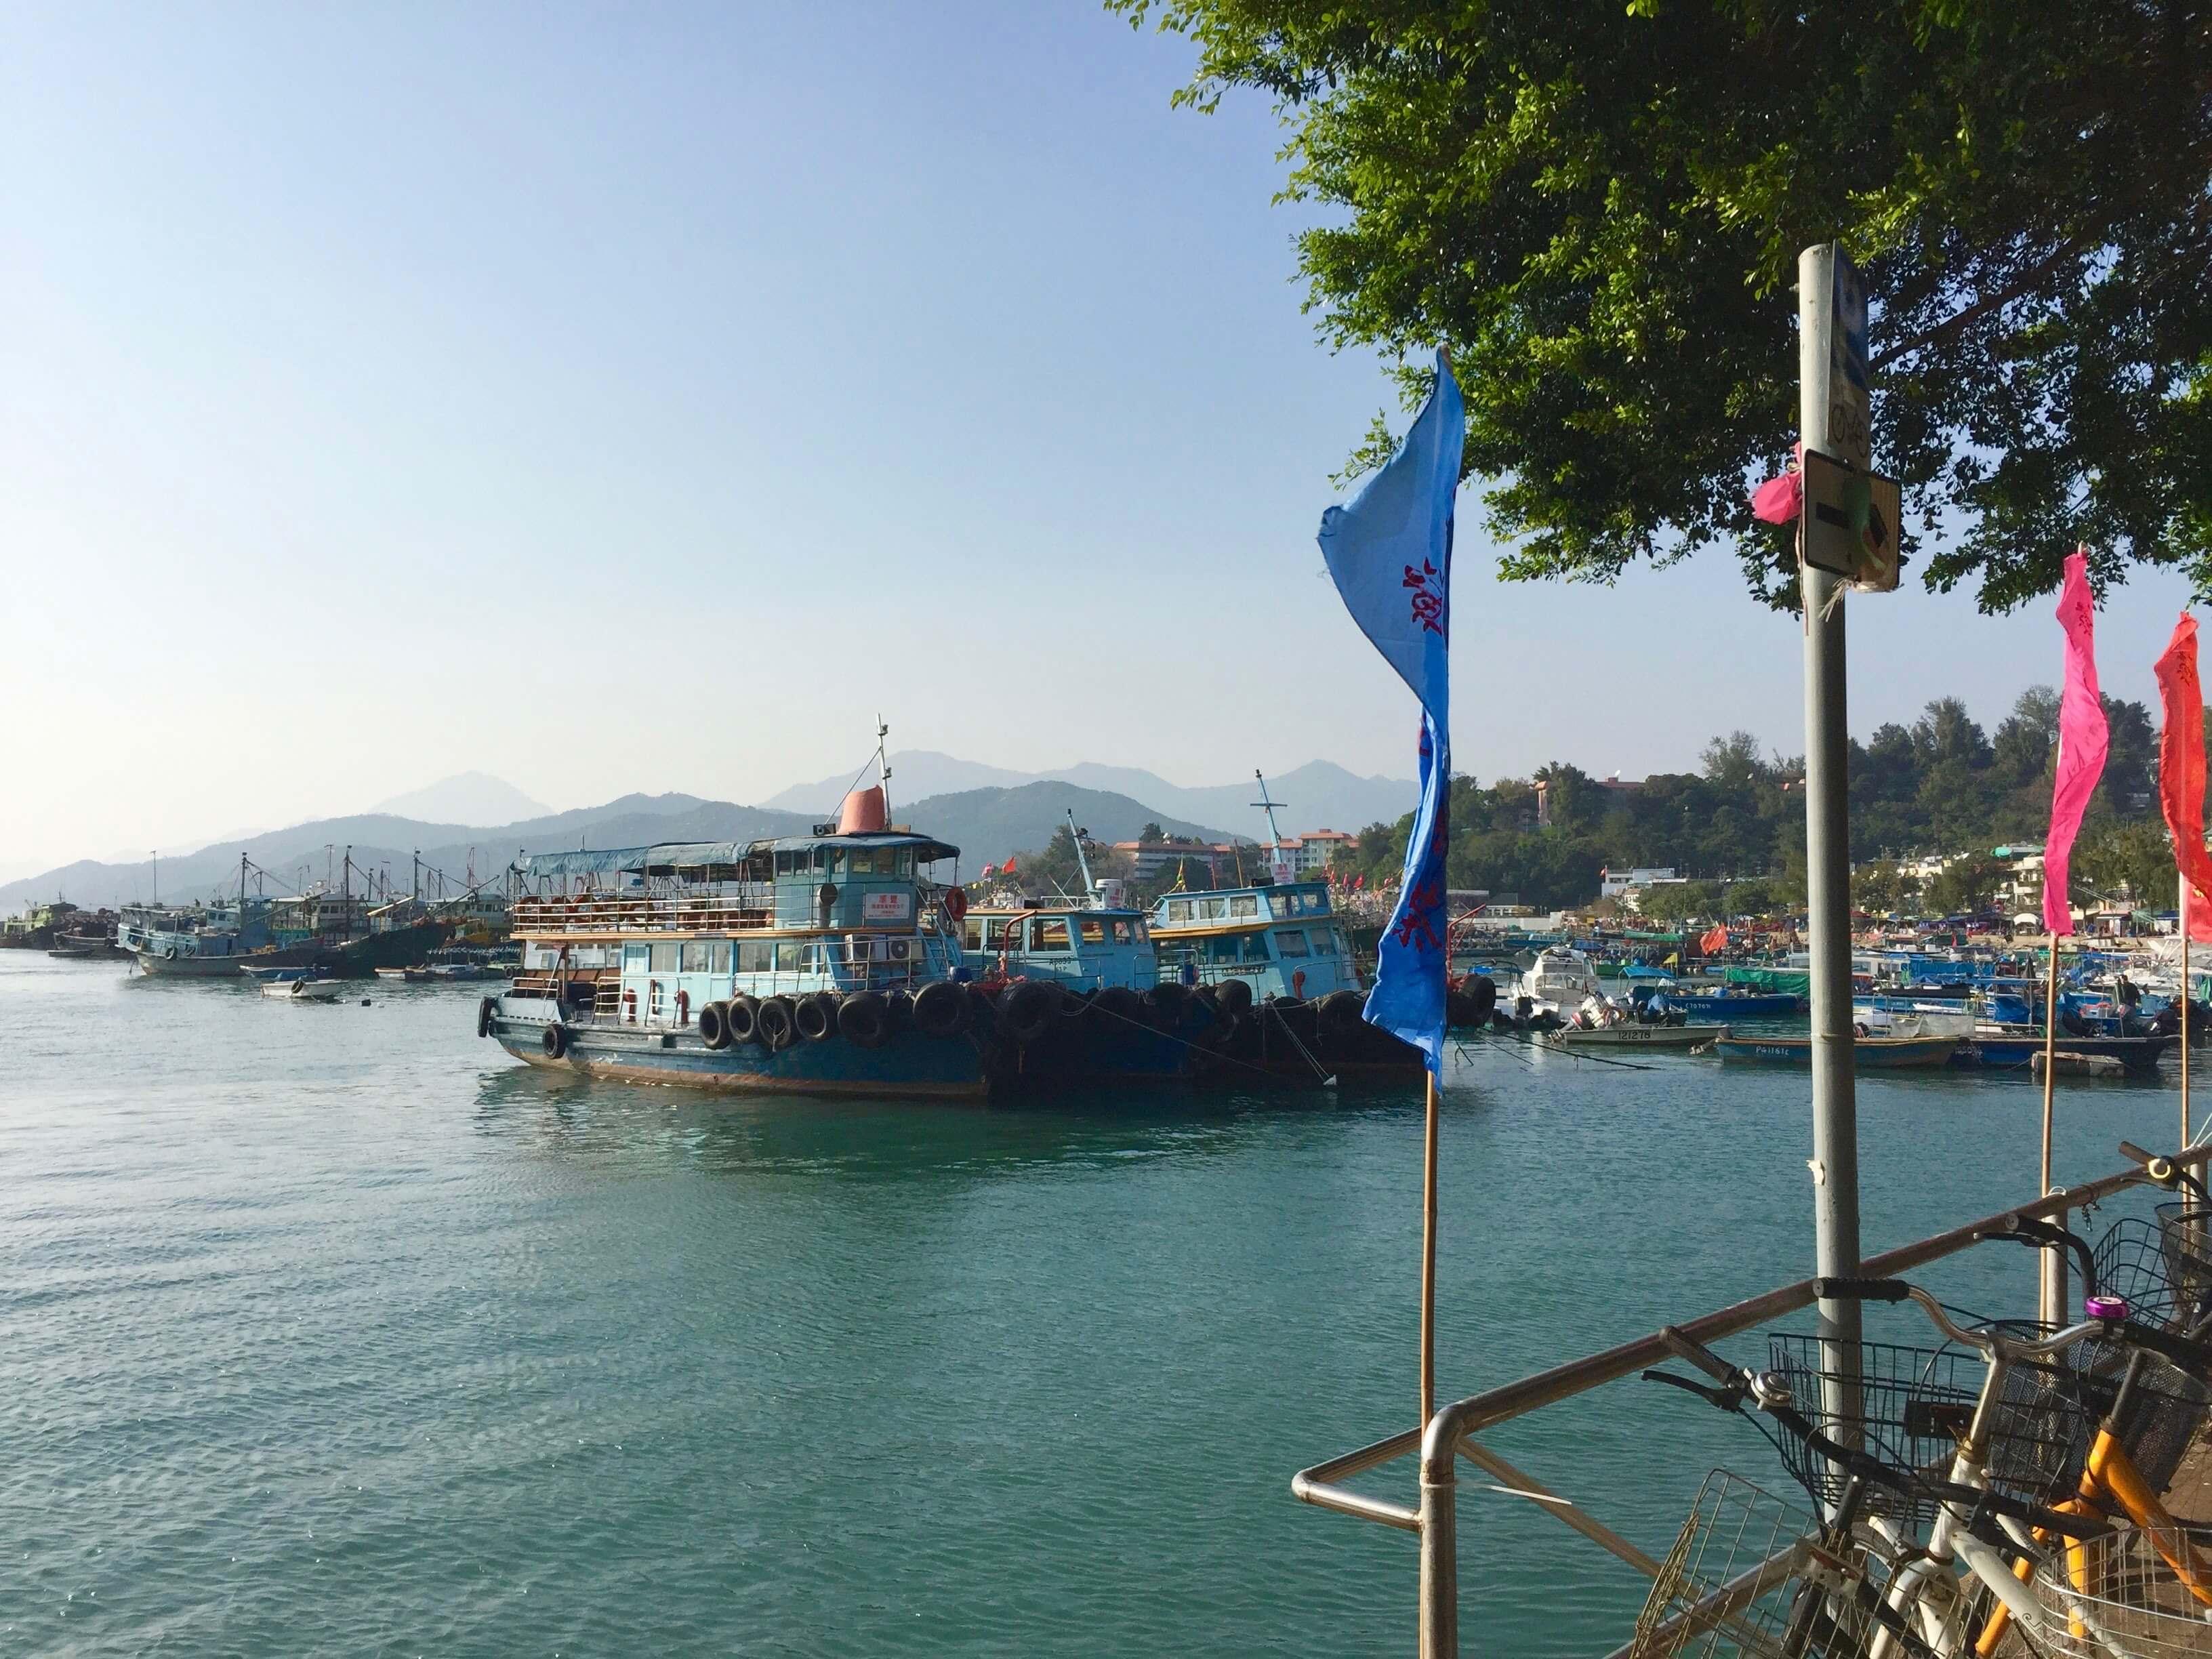 靜 謐 的 港 口 , 停 泊 著 休 息 的 漁 船 , 曬 好 魚 網 , 再 次 出 發 !